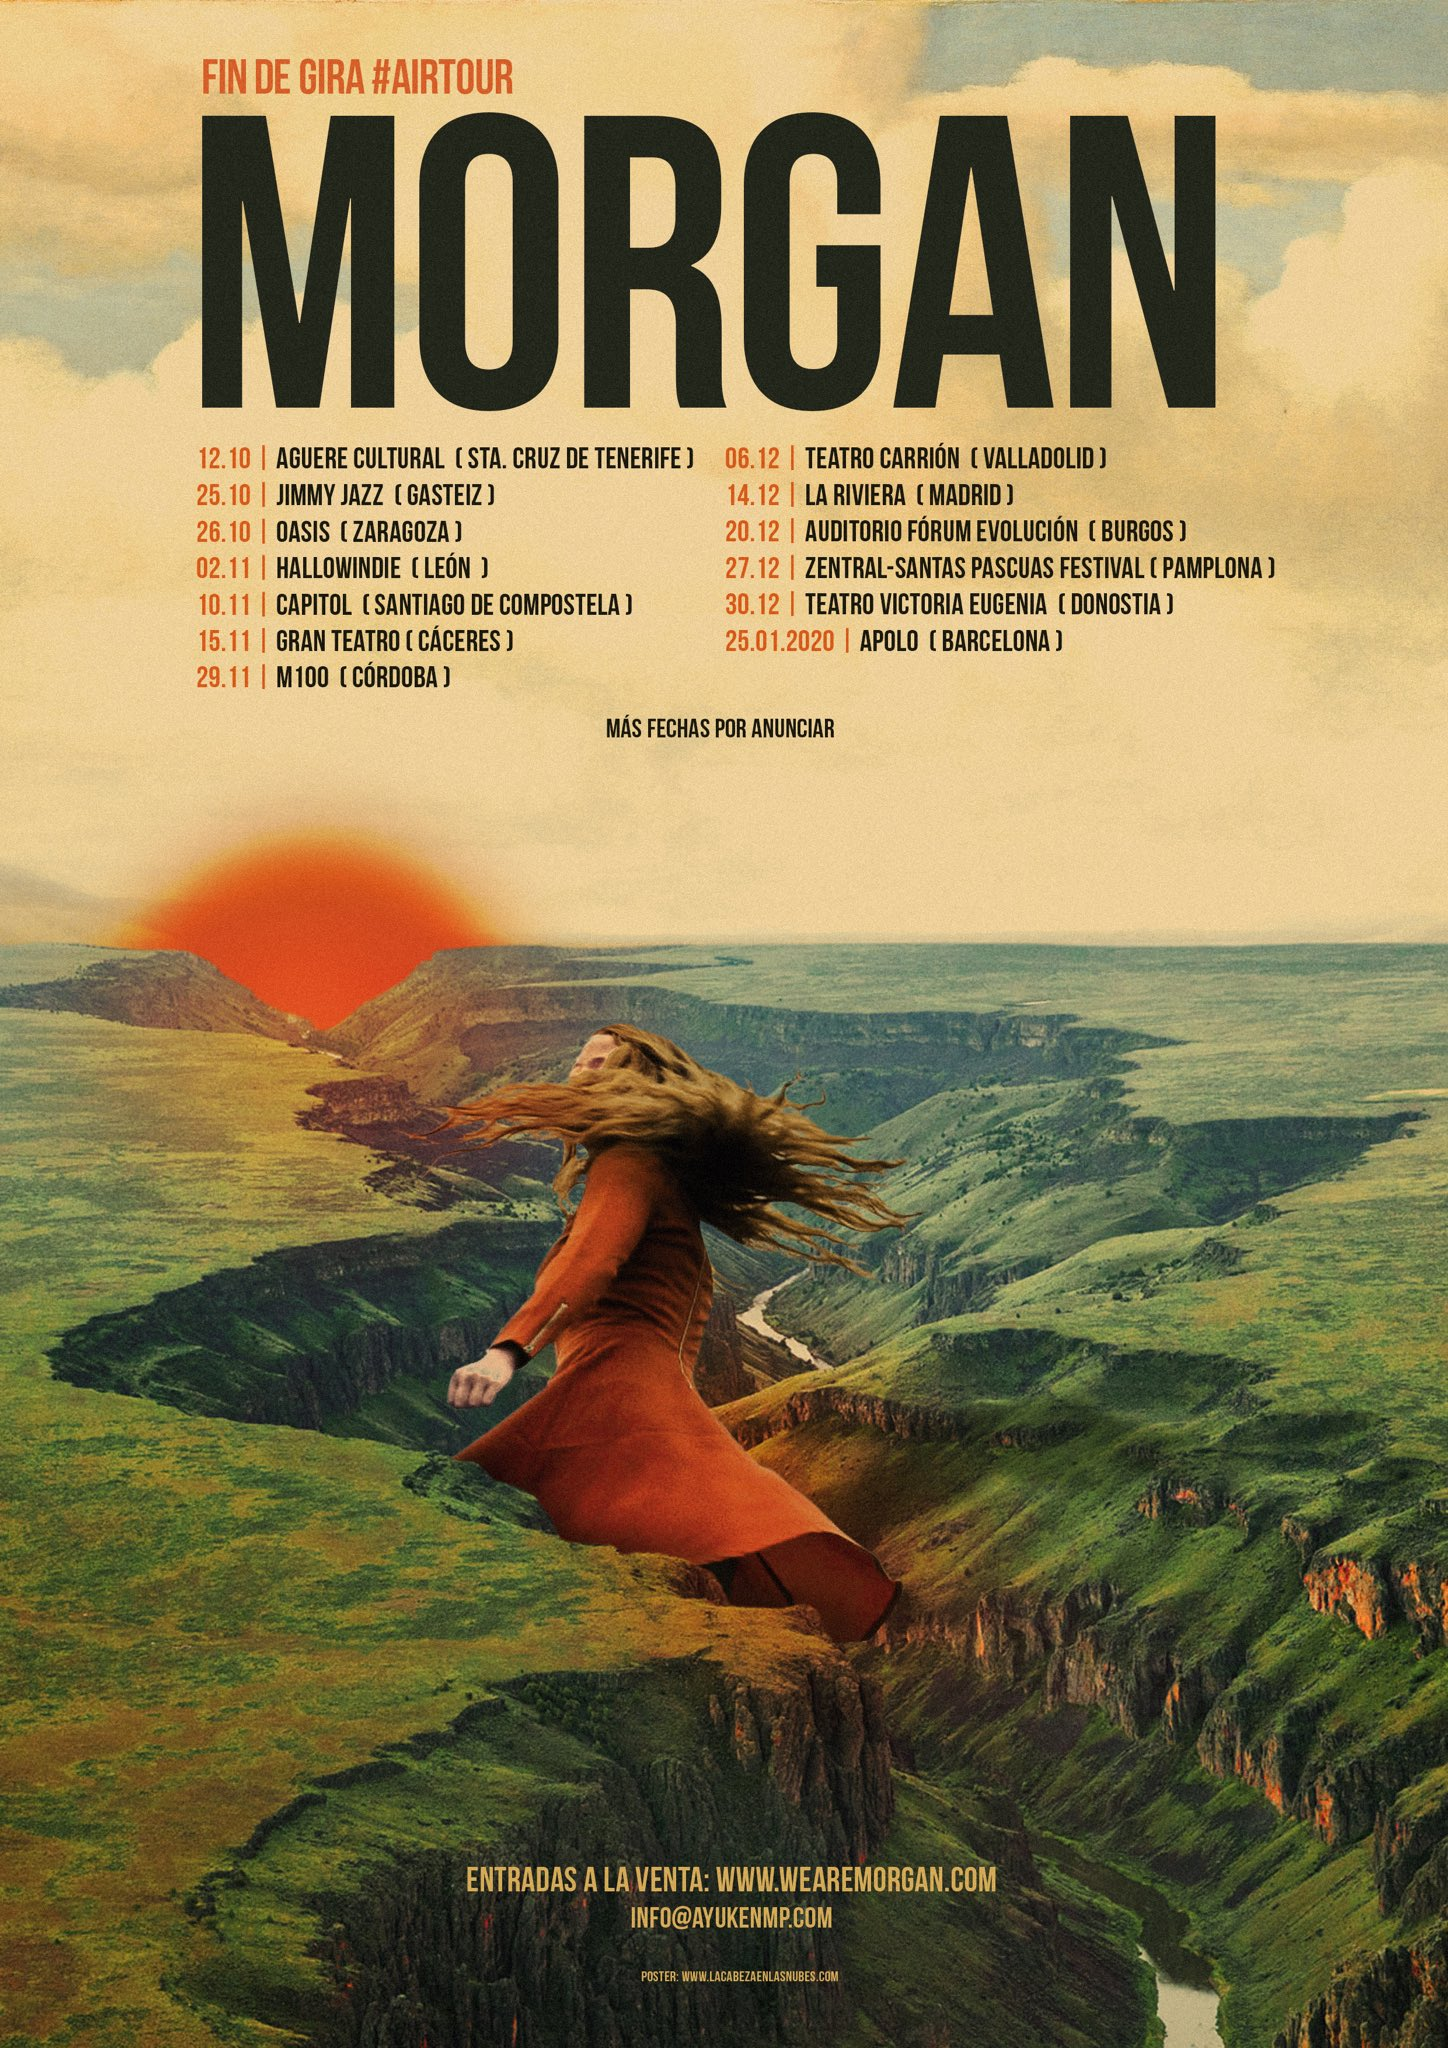 MORGAN - Página 16 D-DnU-0XsAAwDi-